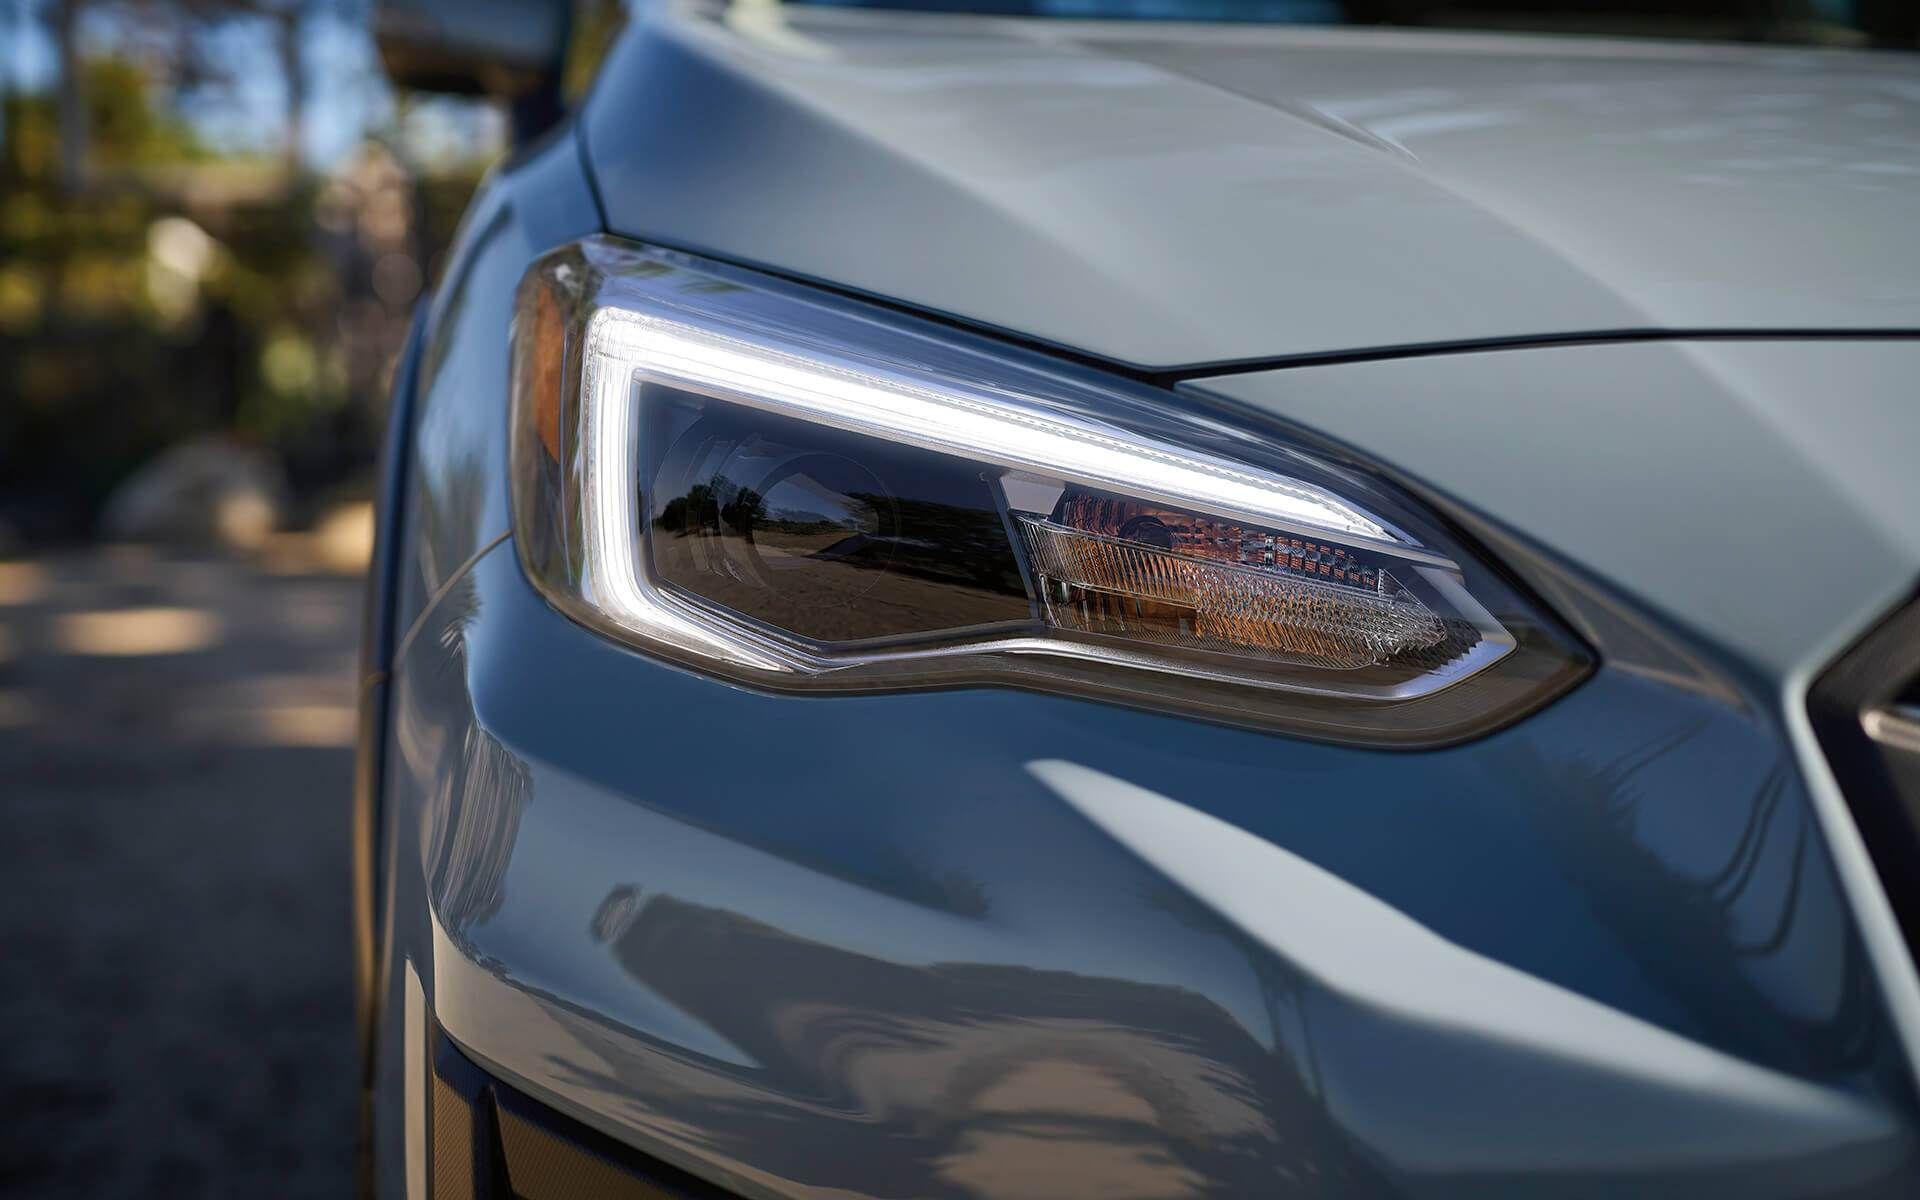 2020 Subaru Ctk In 2020 Subaru Crosstrek Subaru Car Dealership